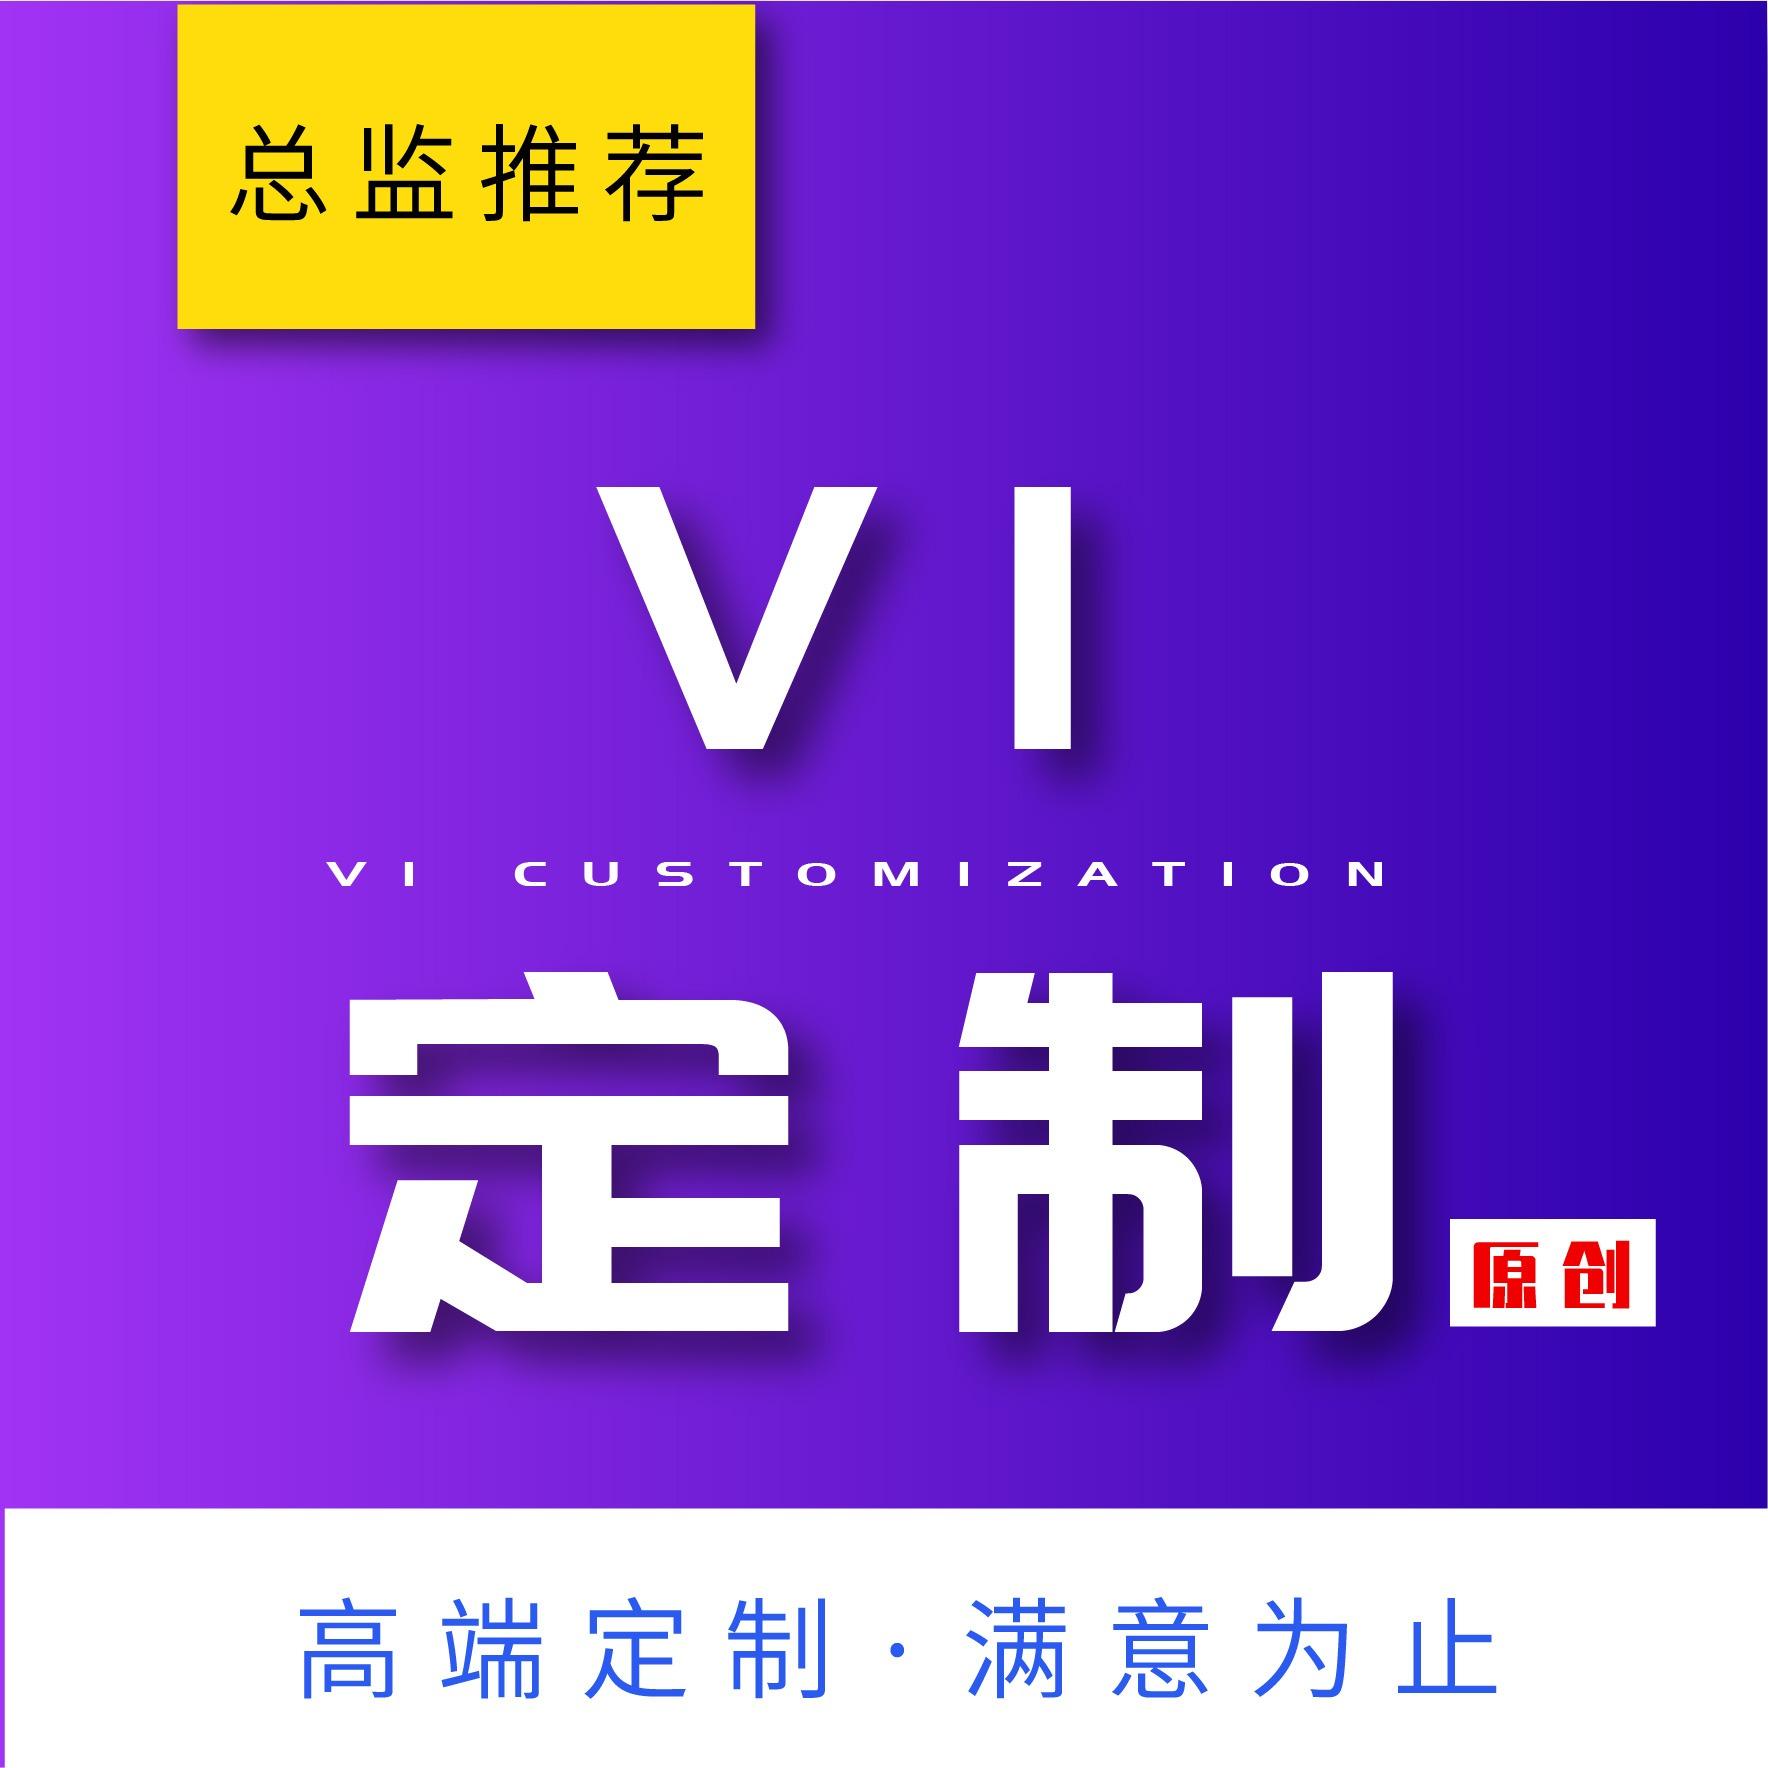 酒店超市学校企业 vi设计 公司企业形象包装cis 设计 定制策划